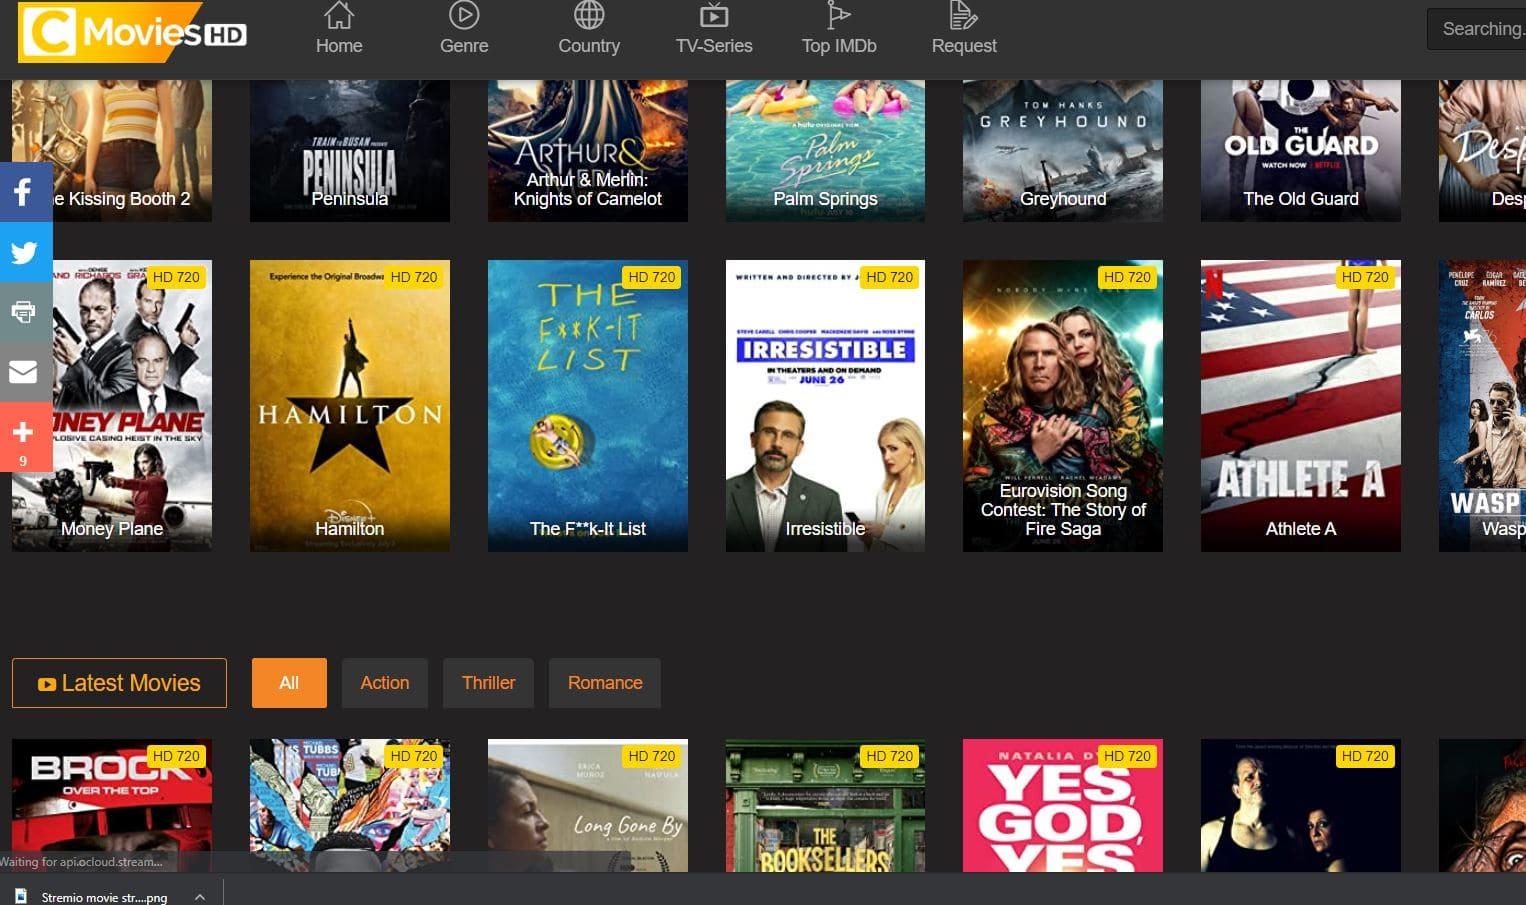 C Movies sfree movie watching online website min